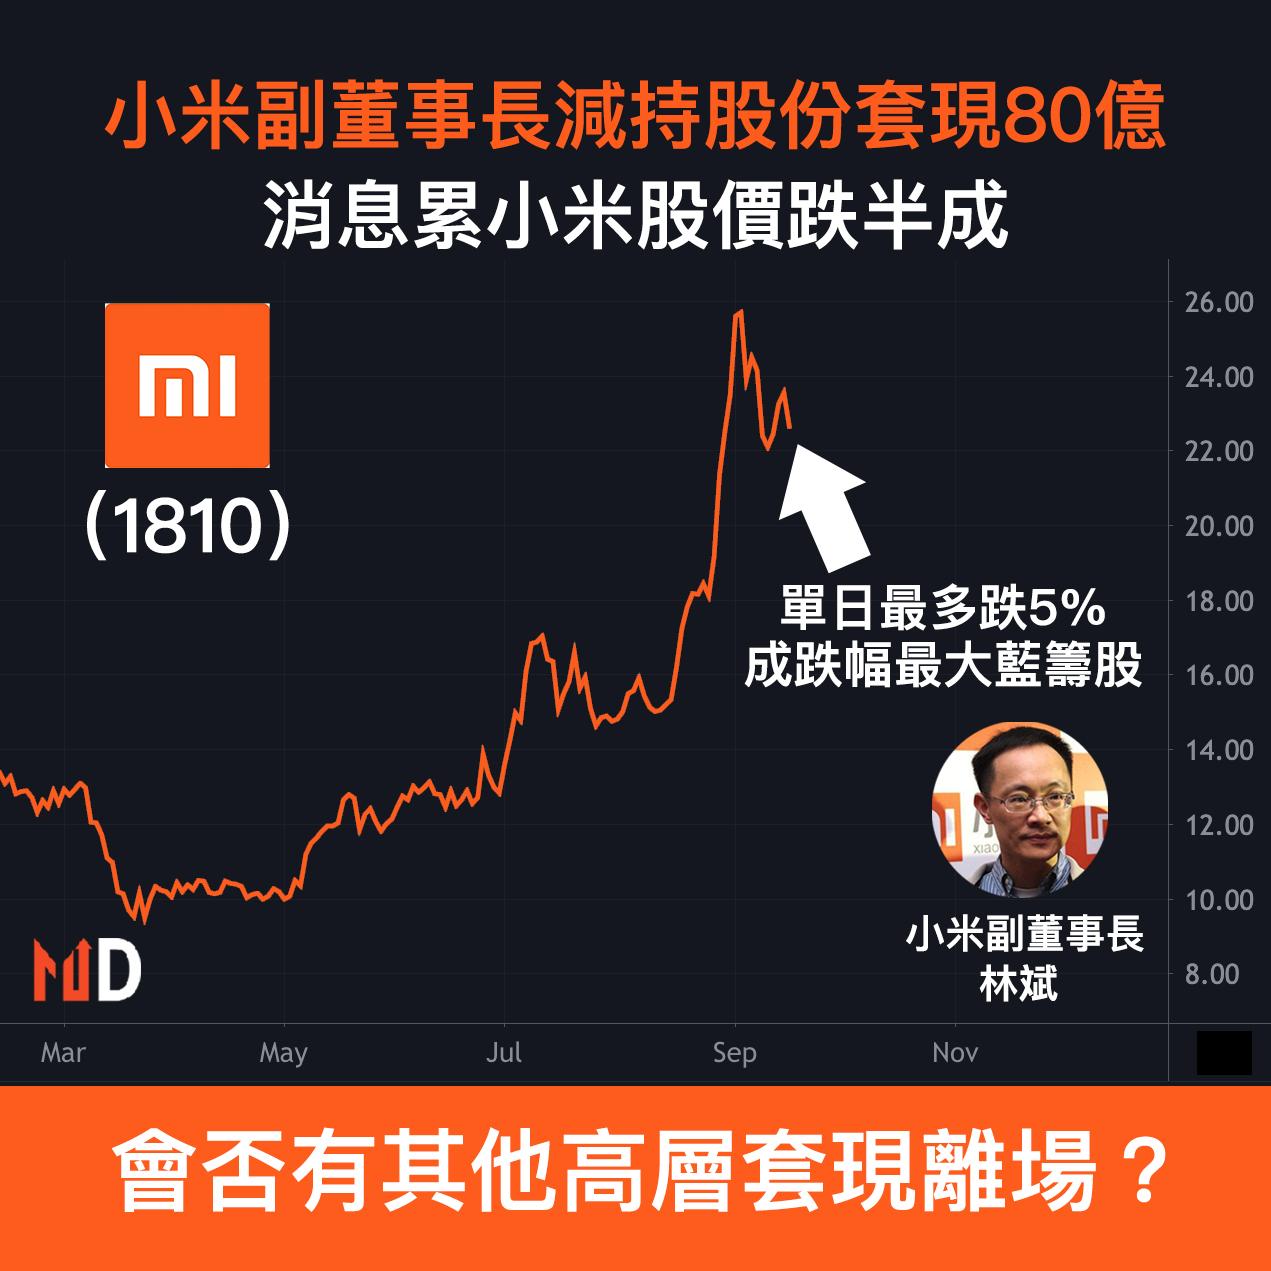 【市場熱話】小米副董事長減持股份套現80億,消息累小米股價跌半成